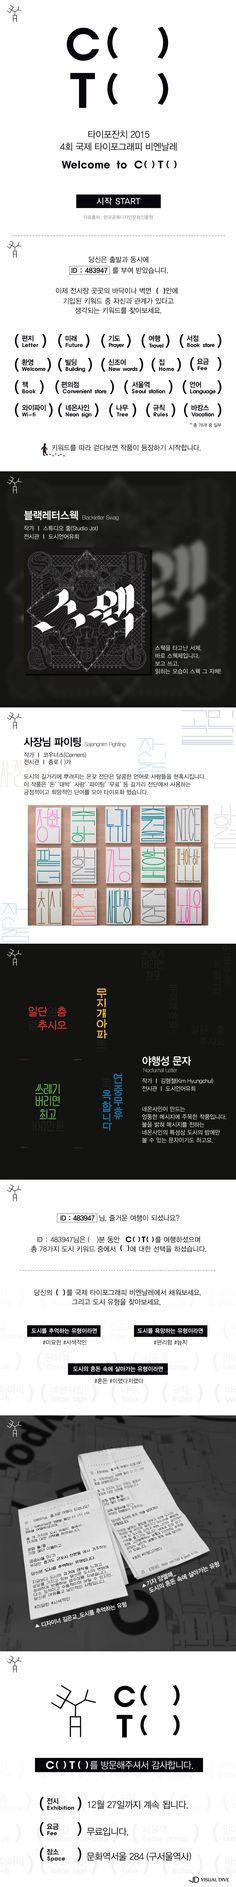 웰컴 투 국제 타이포그래피 비엔날레 [인포그래픽] #Typograpy / #Infographic ⓒ 비주얼다이브 무단 복사·전재·재배포 금지